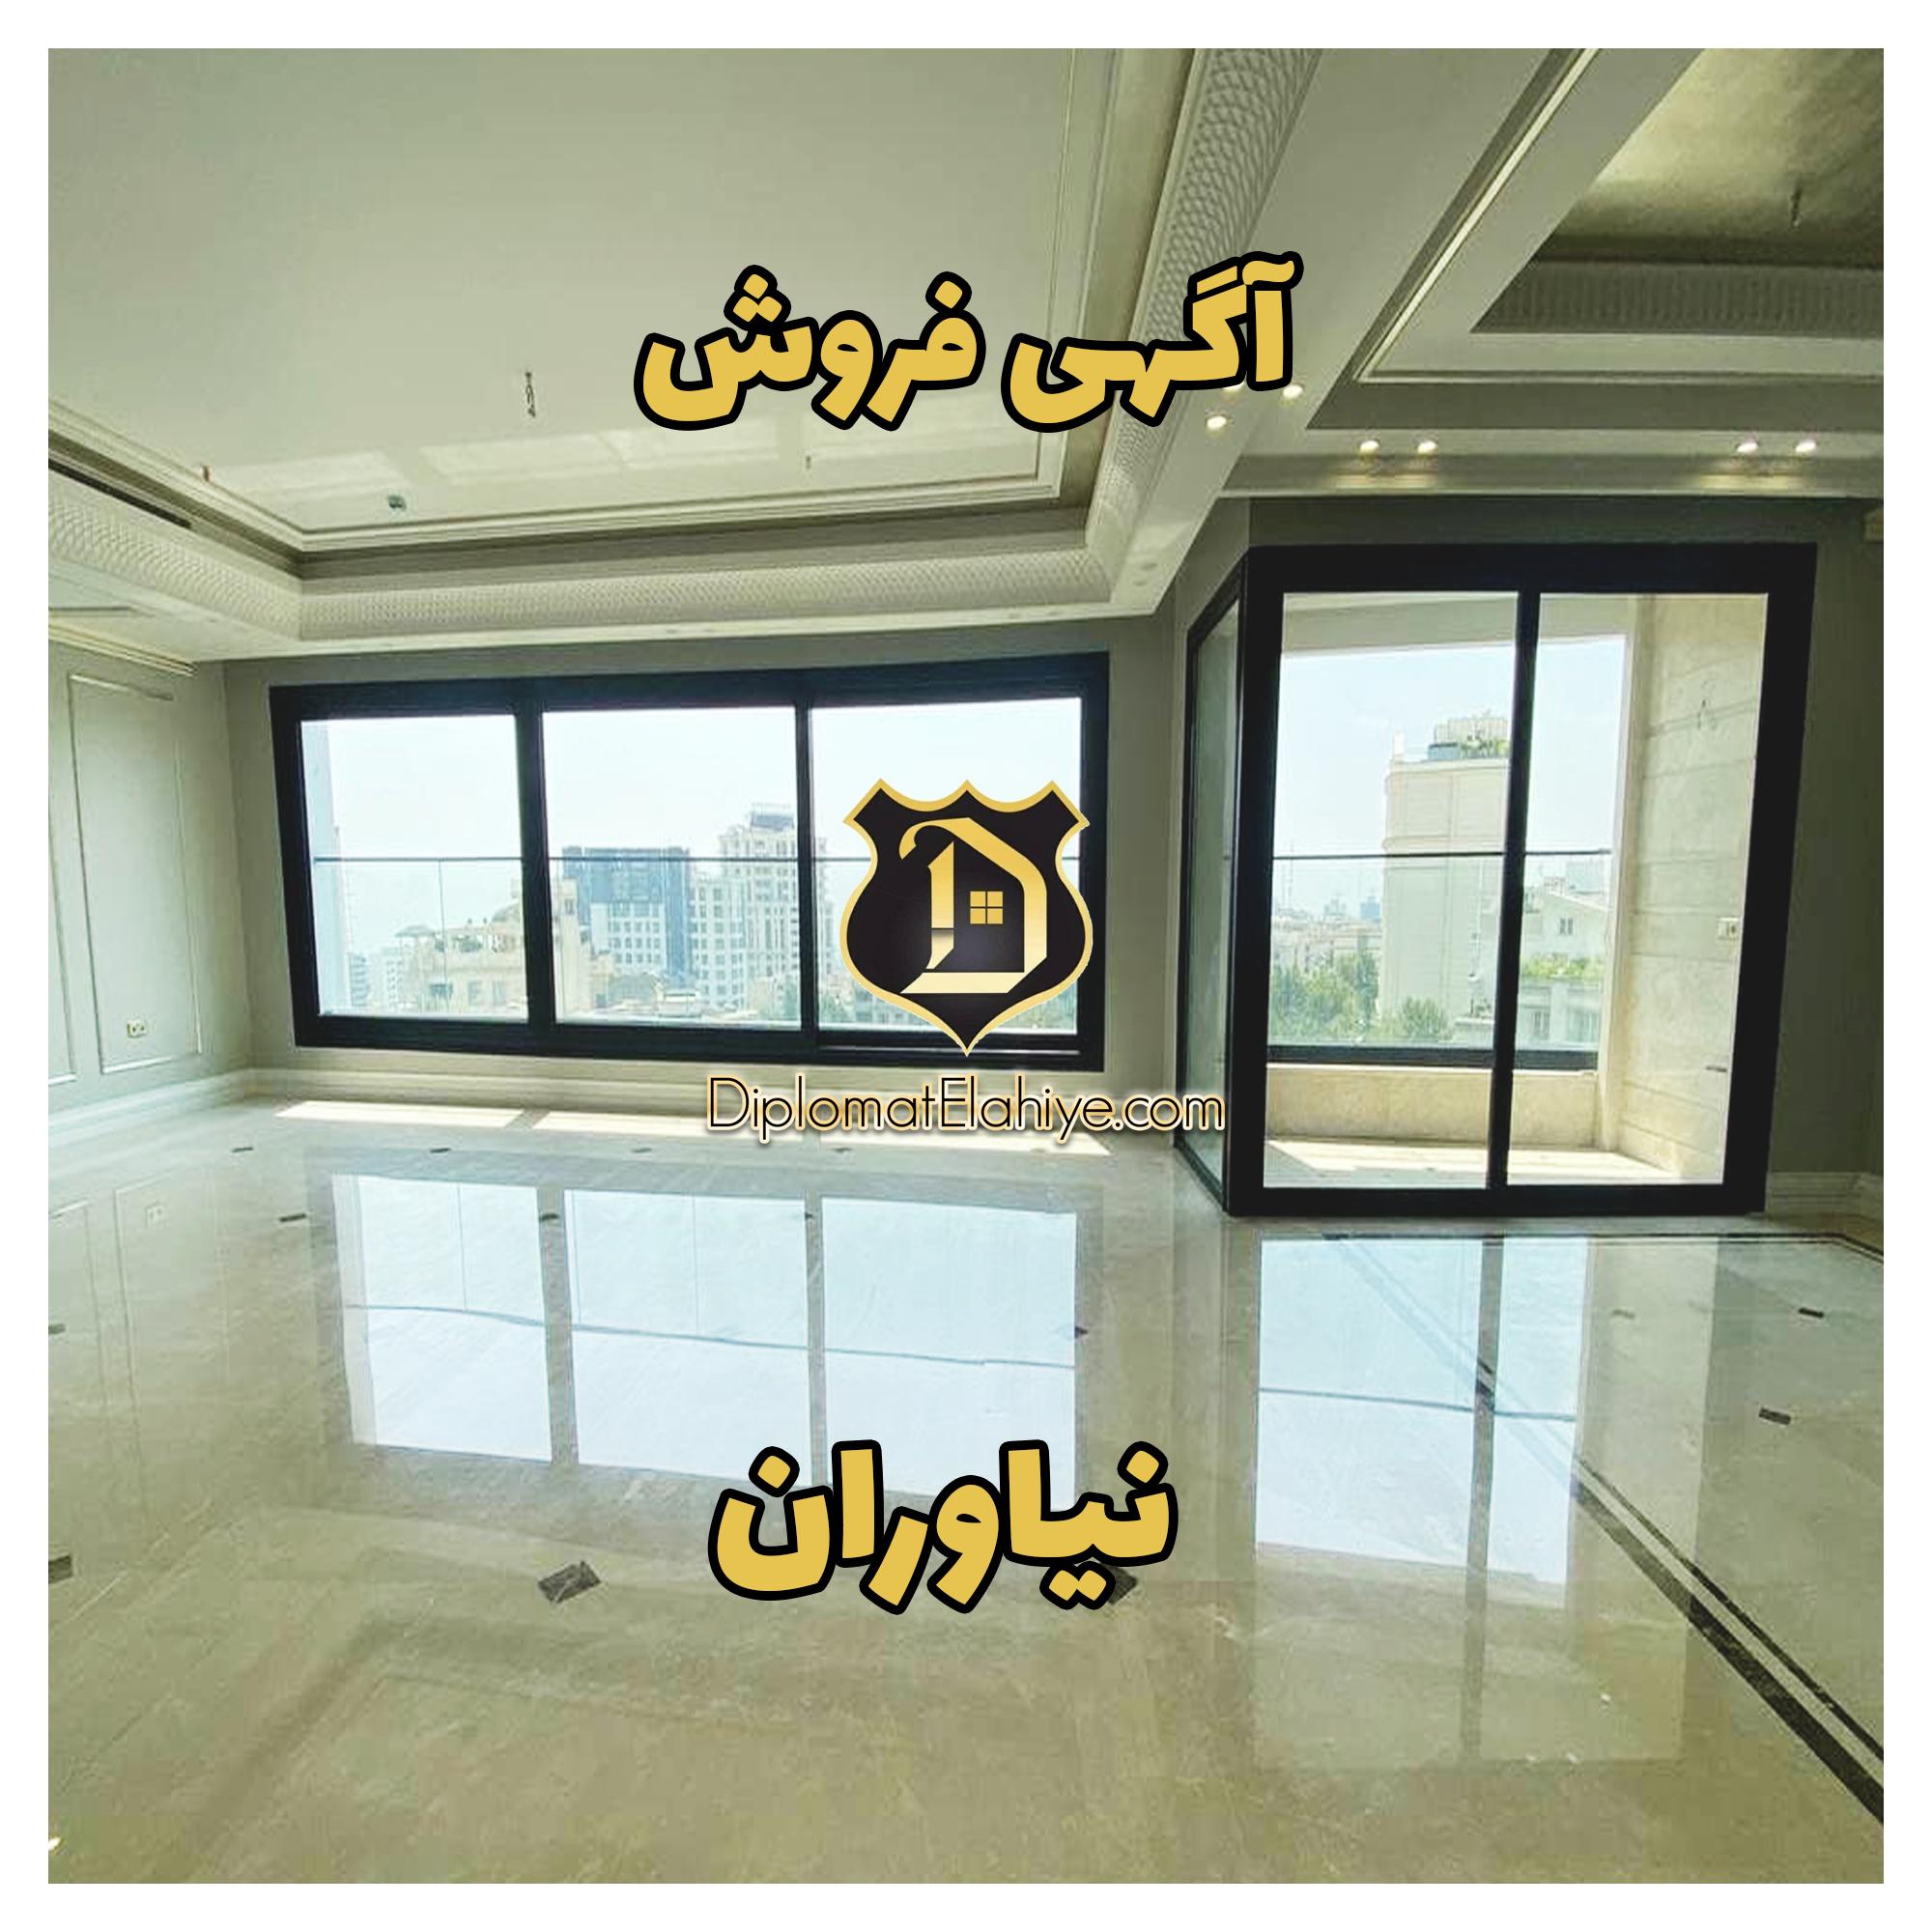 آگهی فروش _ ولنجک   اثری از مهندس علی موسی پناه